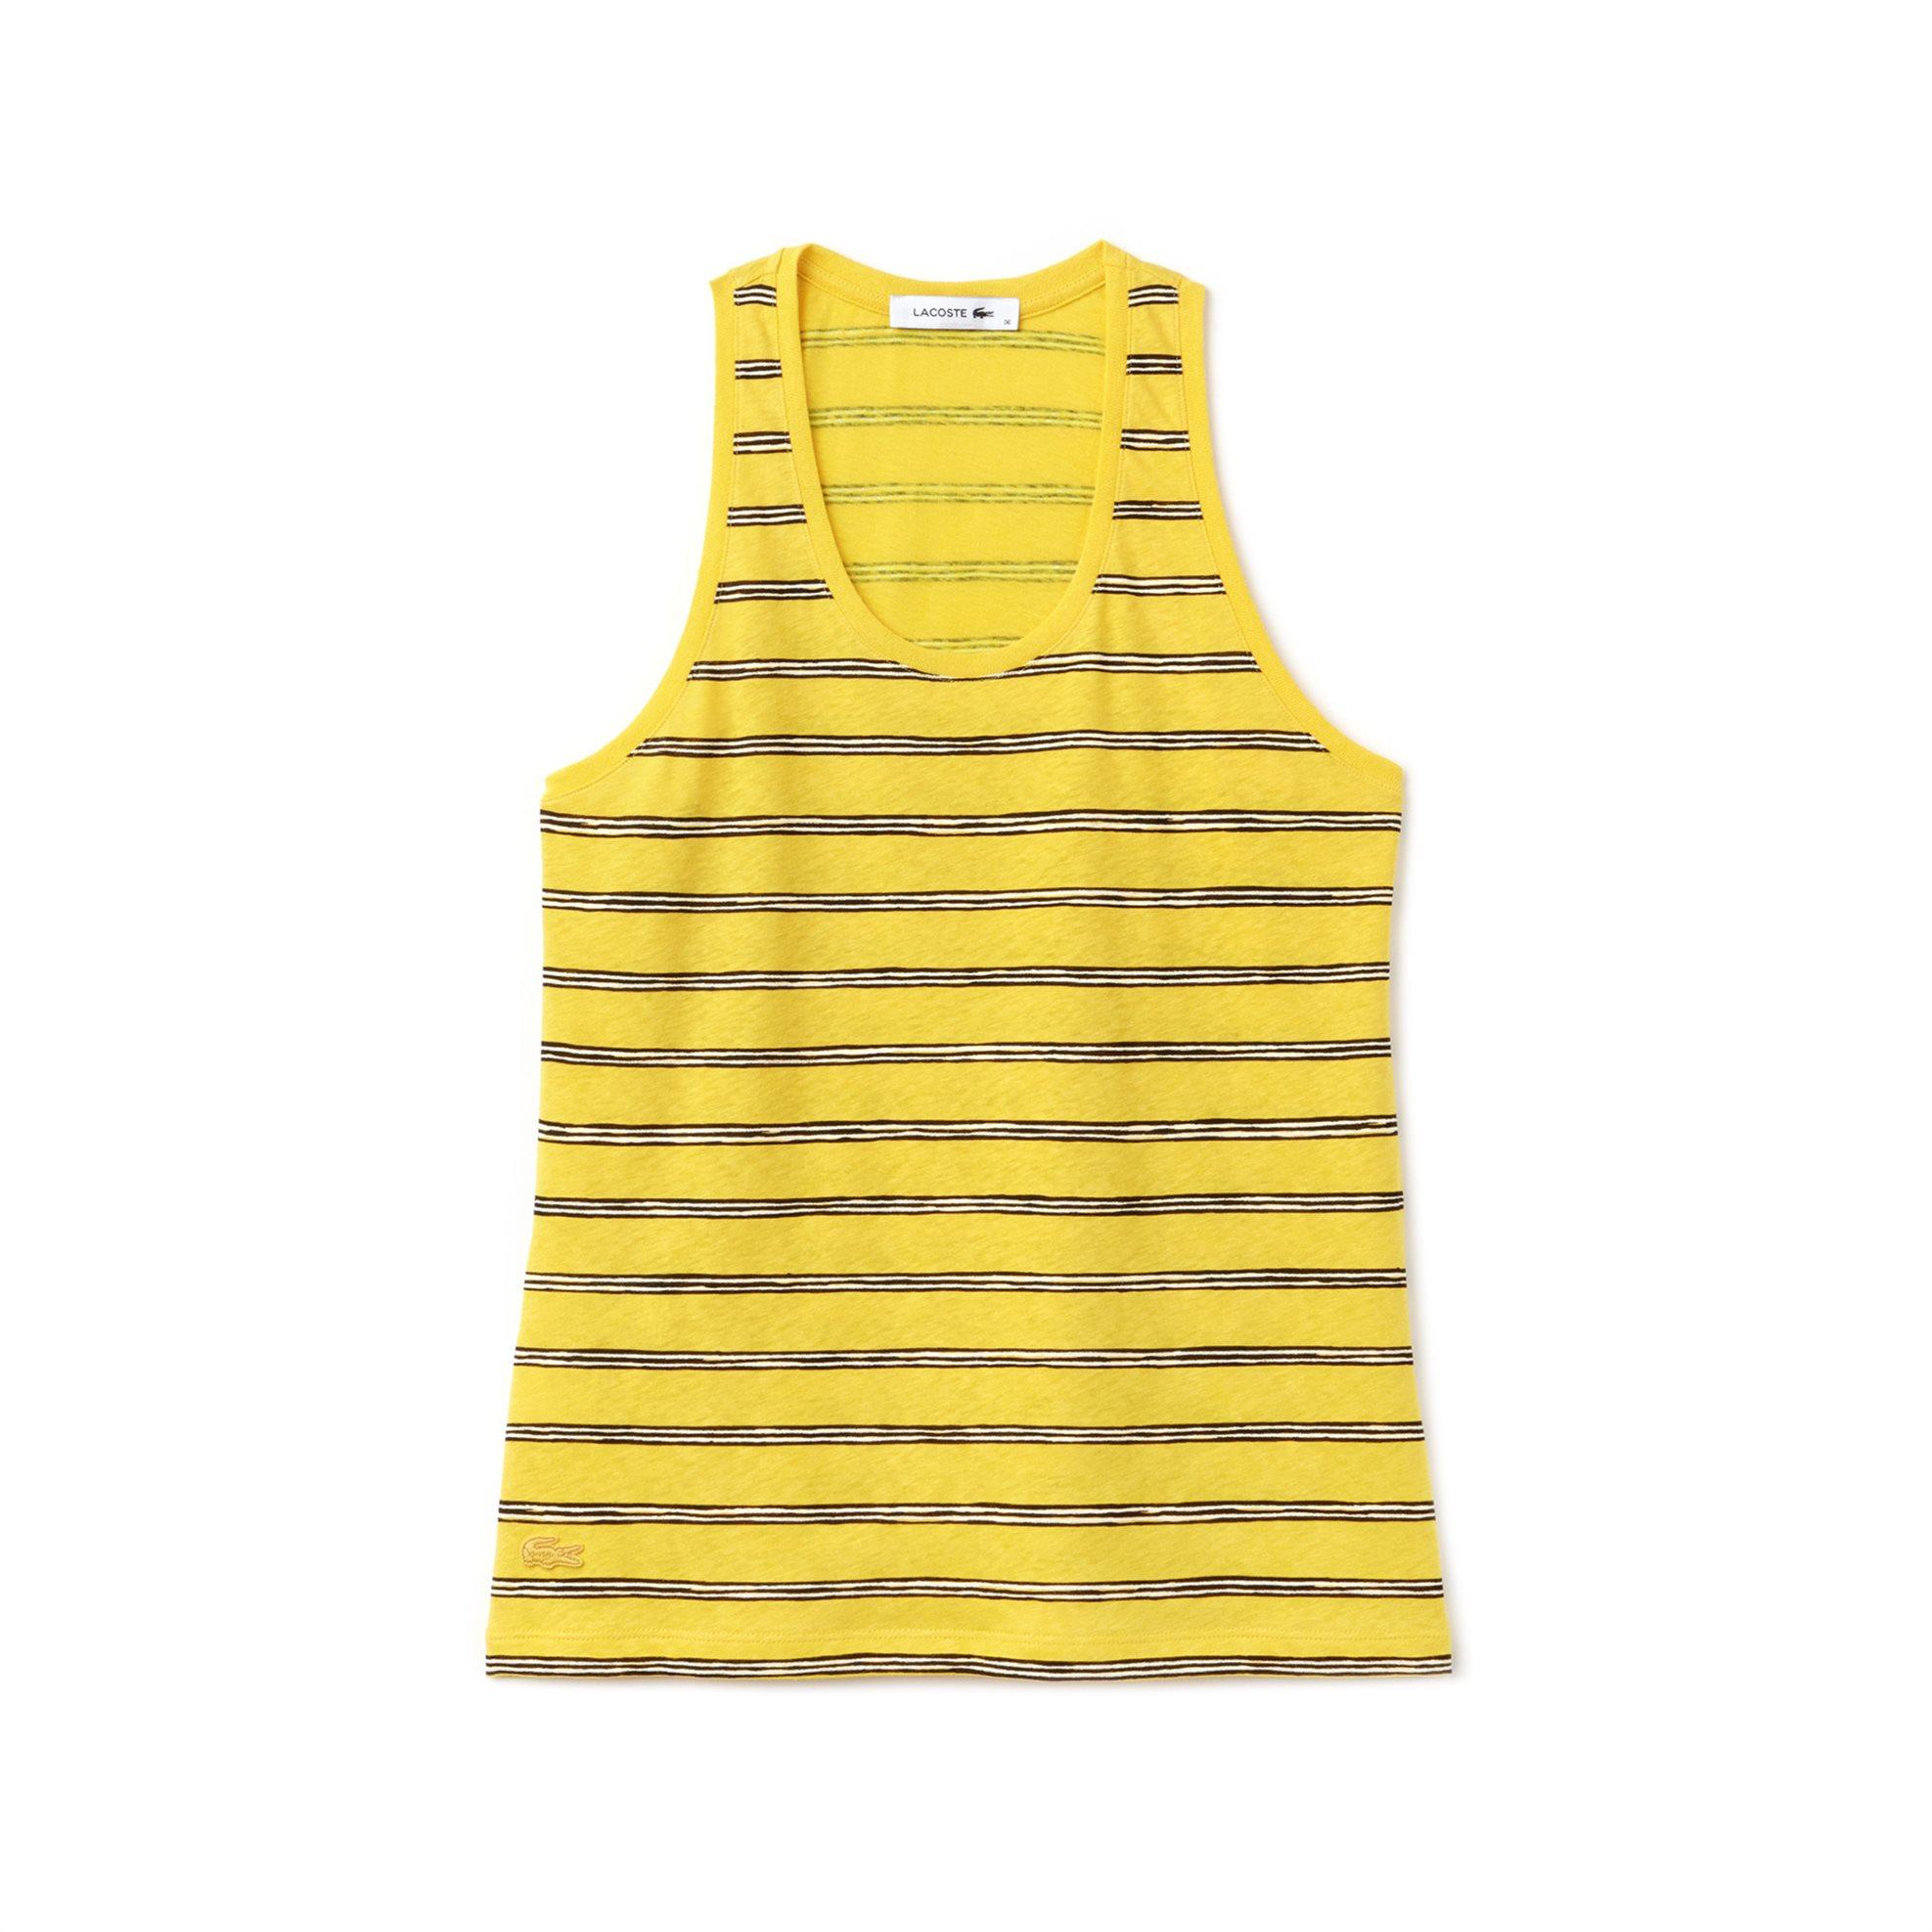 Γυναικείο τοπ αμάνικο με ρίγες Spring Bloom S/S 2018 Collection Lacoste - TF3744 γυναικα   ρουχα   tops   αμάνικα